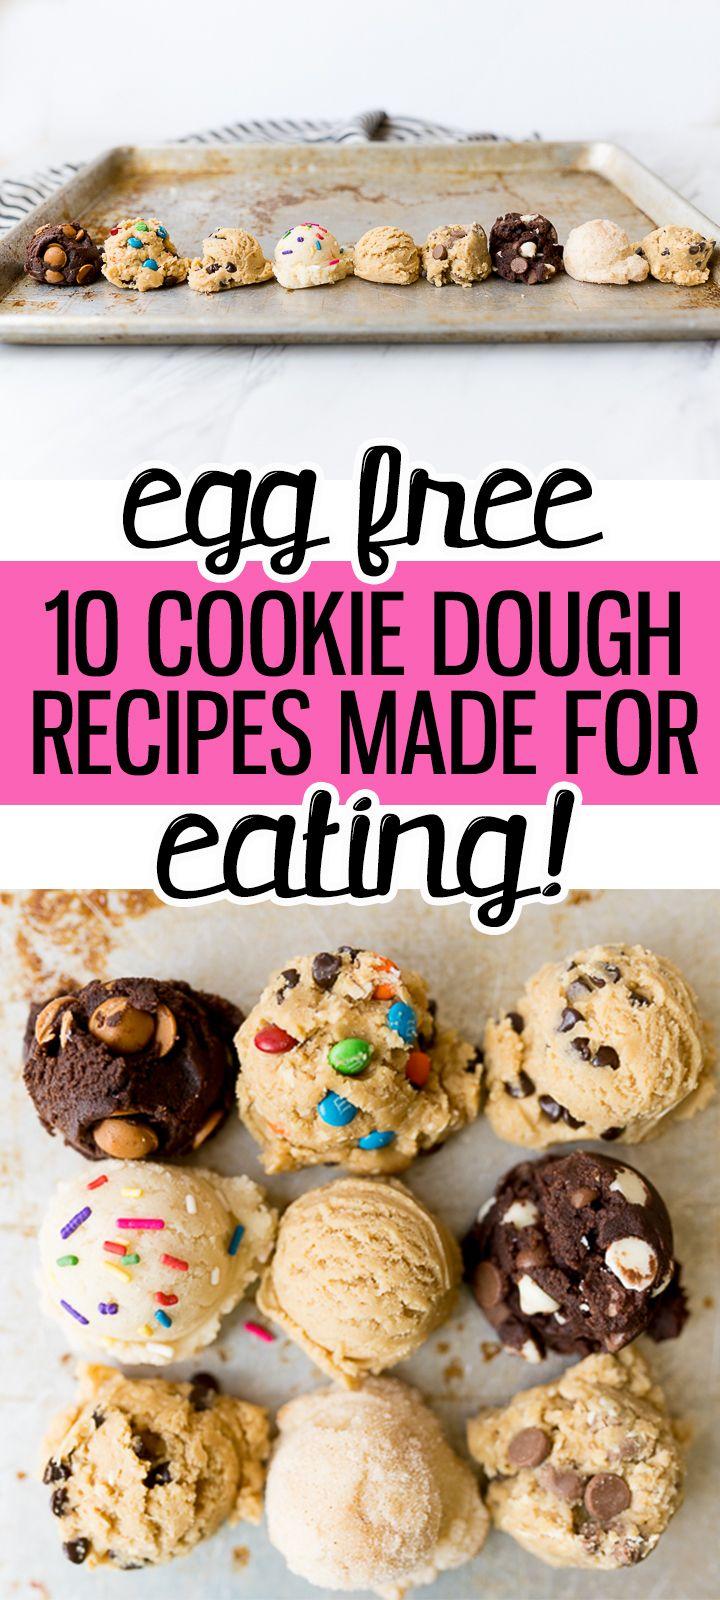 Egg Free Cookie Dough Recipes